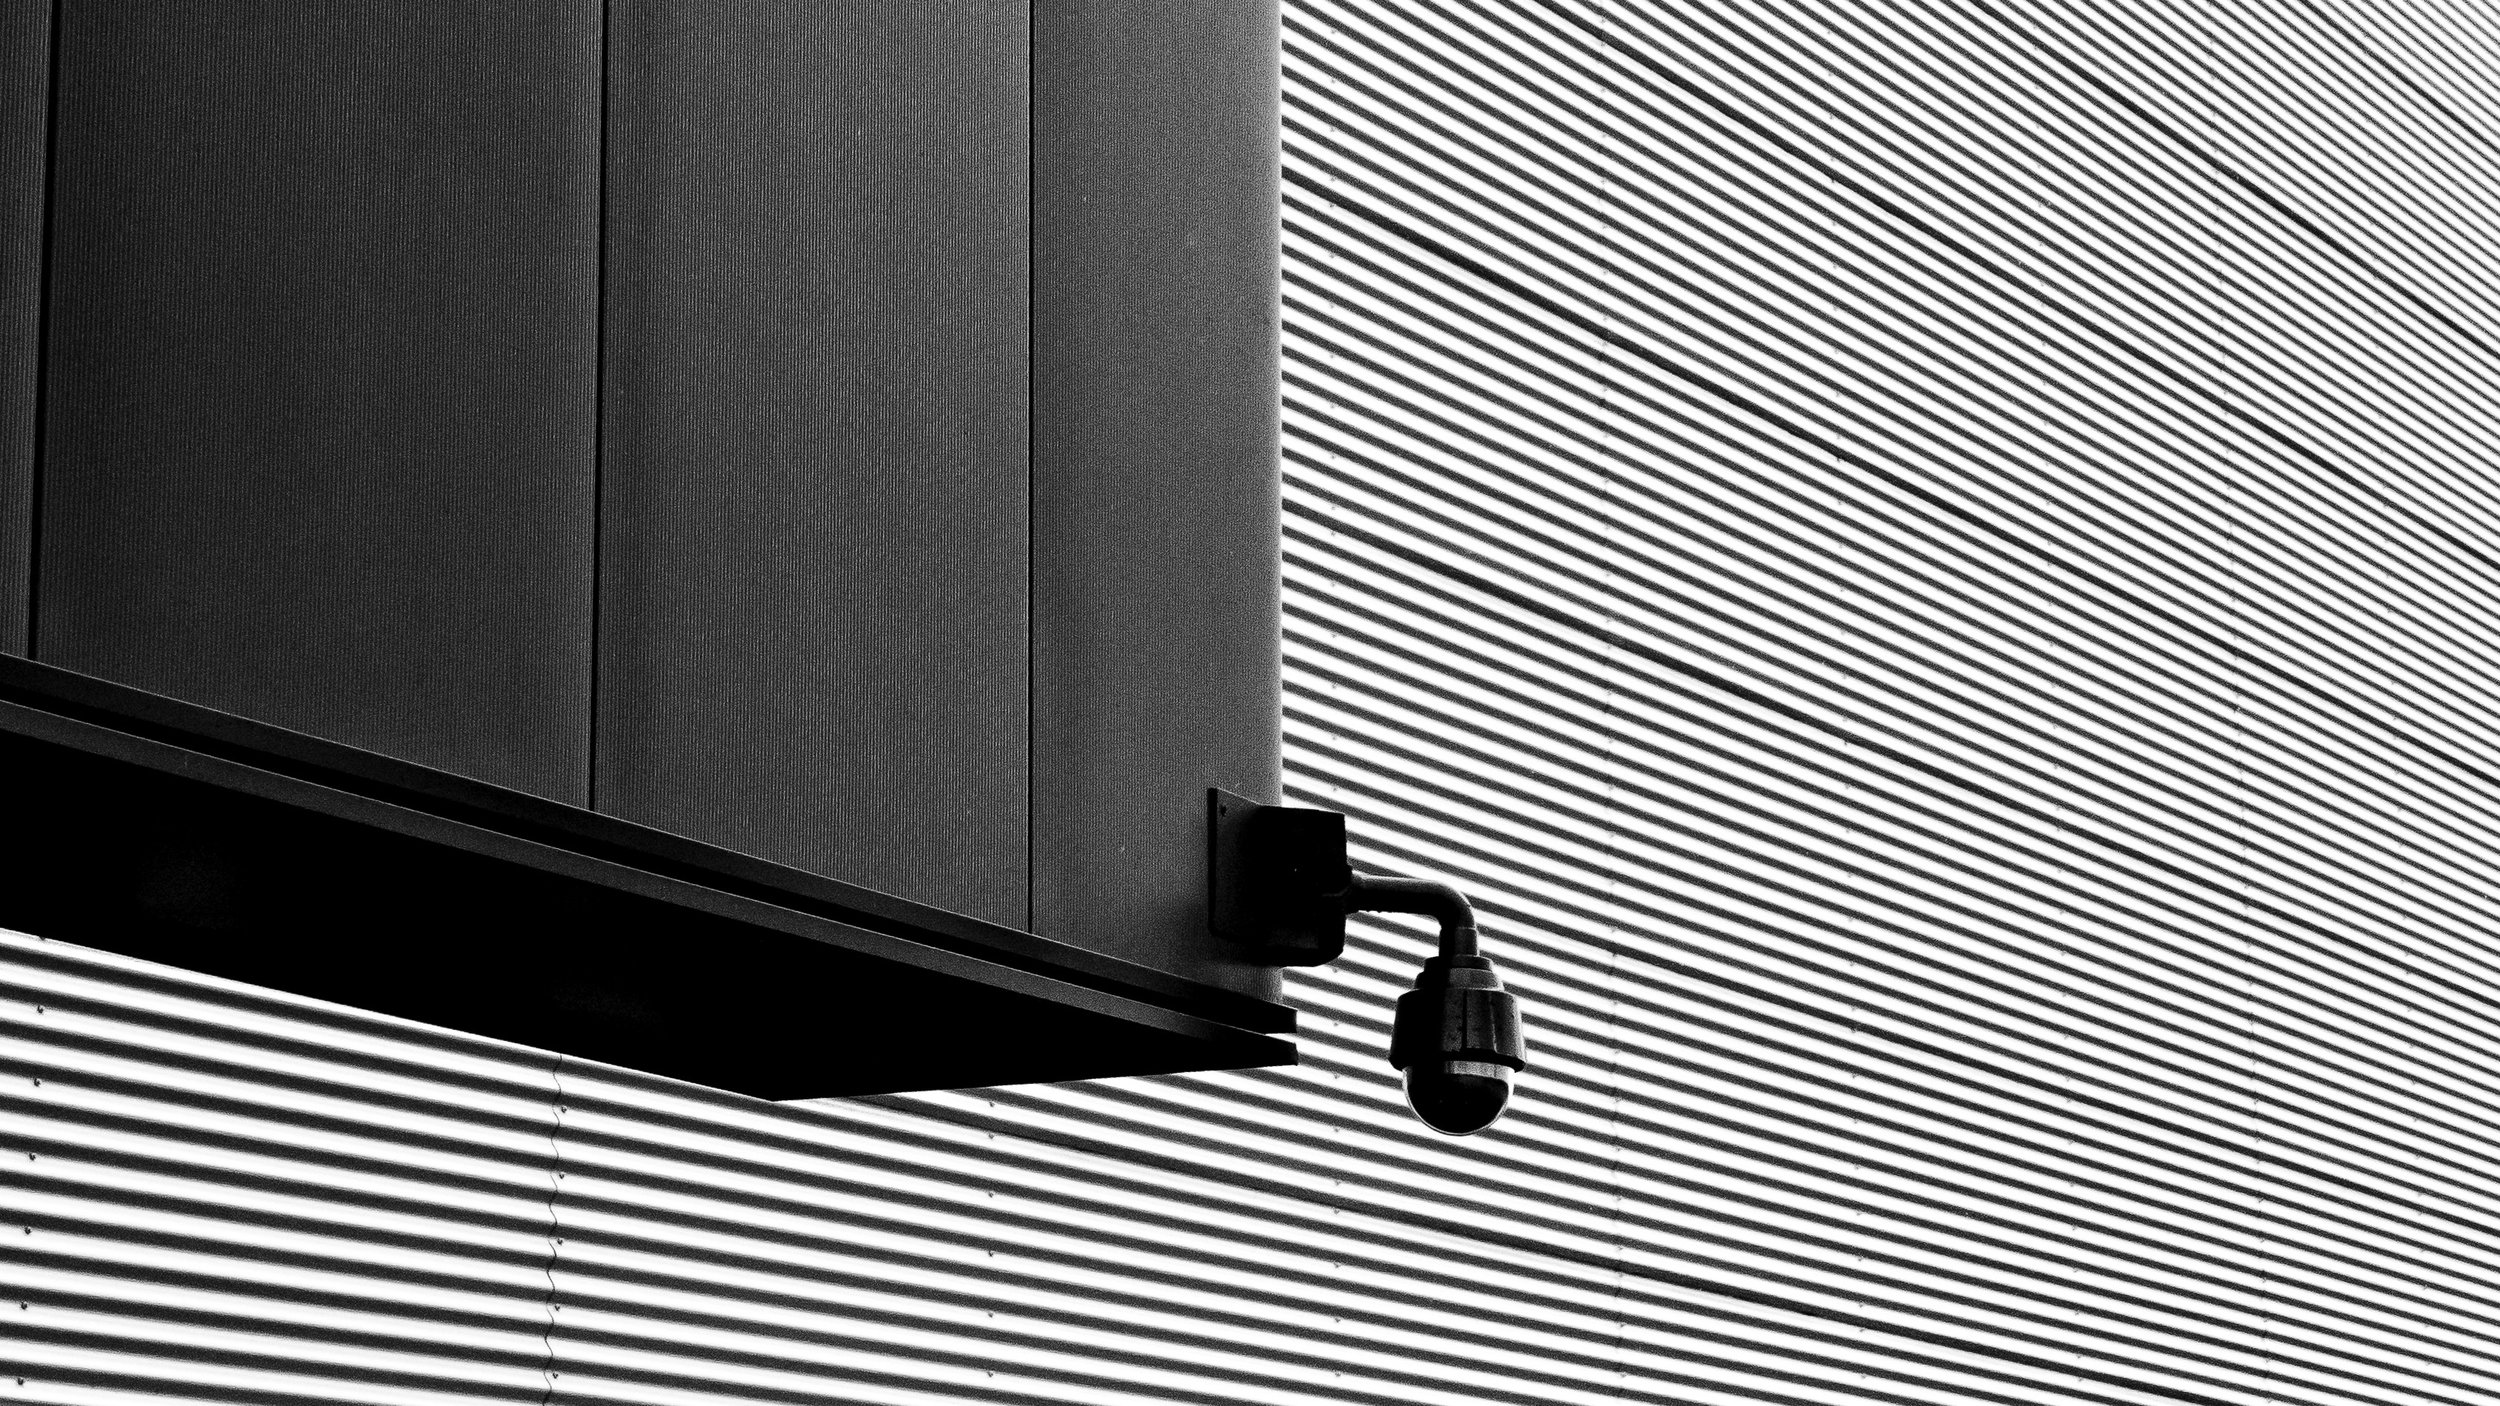 viewfinder-eigenzinnige-fotografie-lijnen-vormen-minimalisme-parking-2